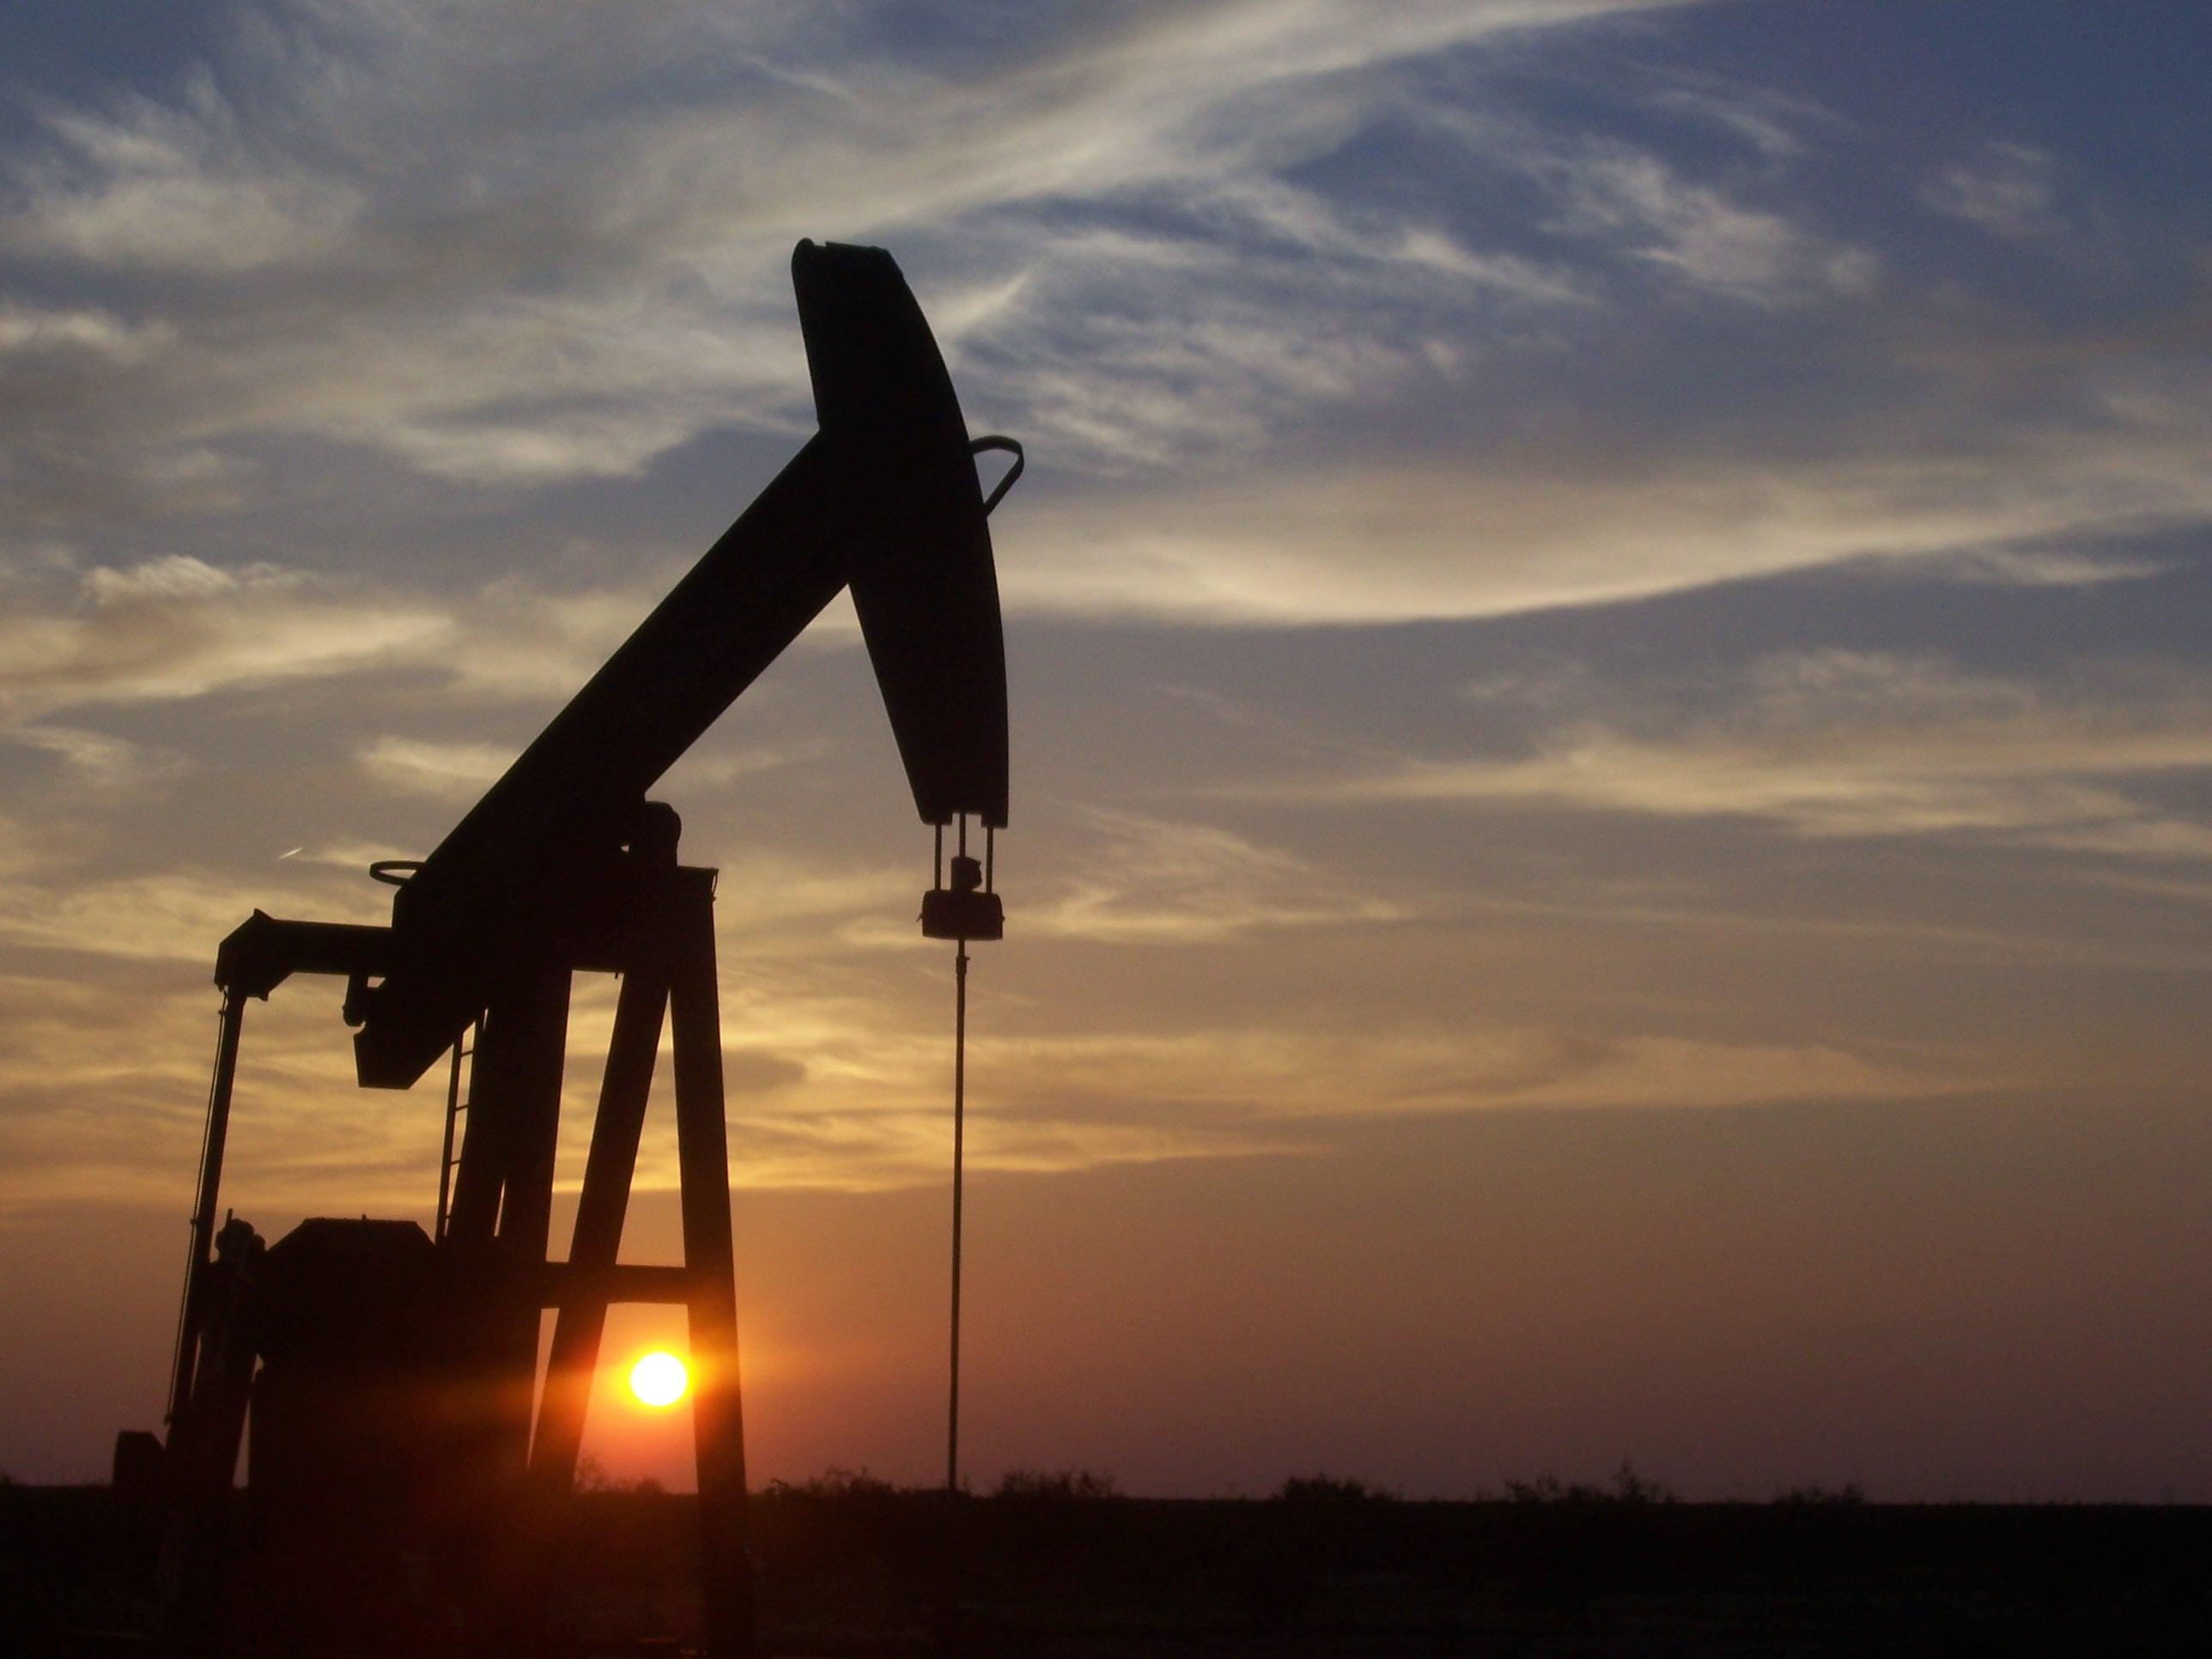 Las matemáticas pueden predecir los cambios en los precios del petróleo